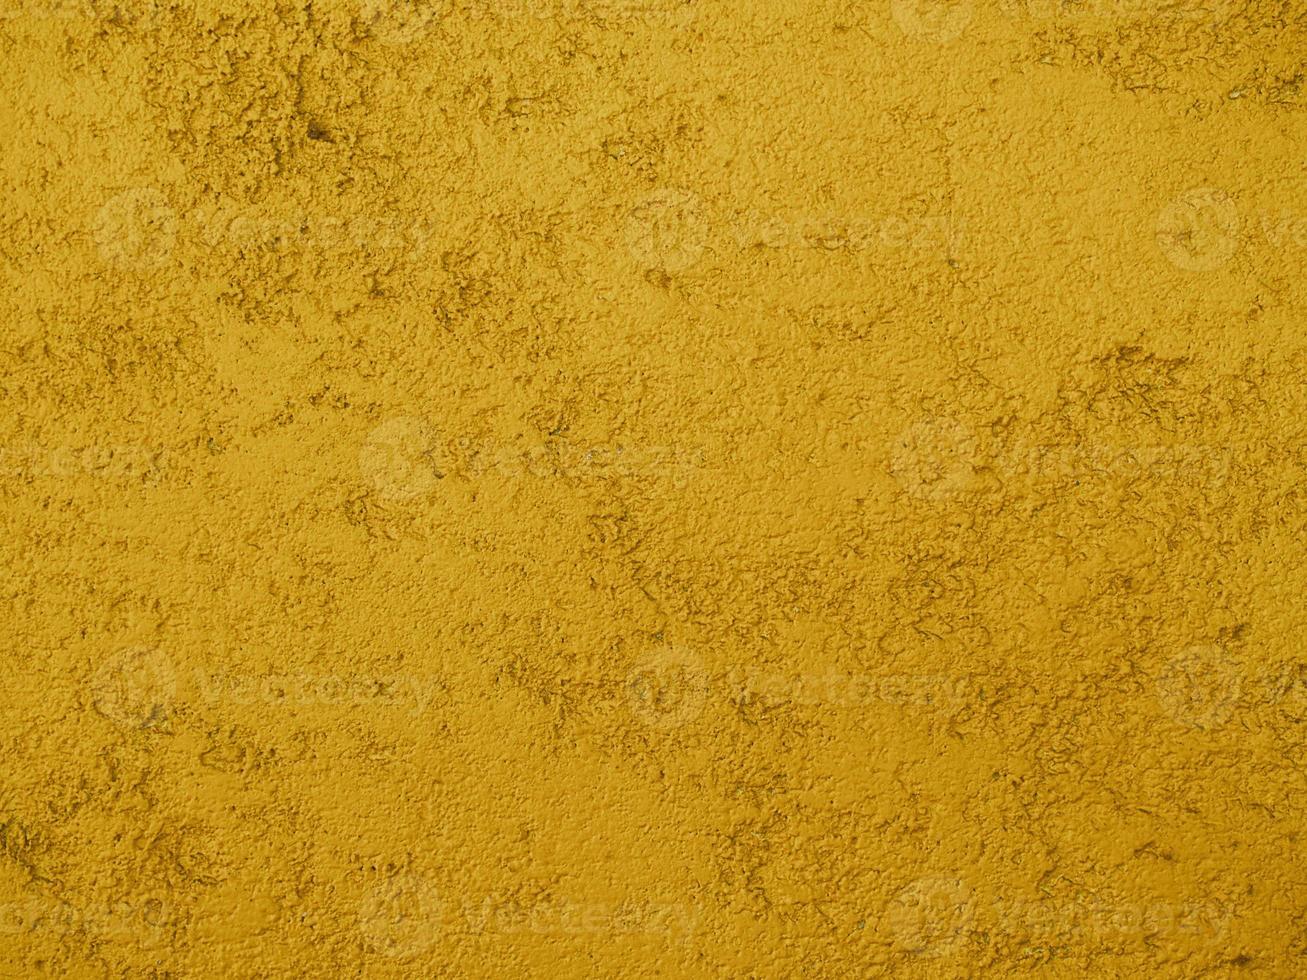 fundo de textura amarelo mostarda foto